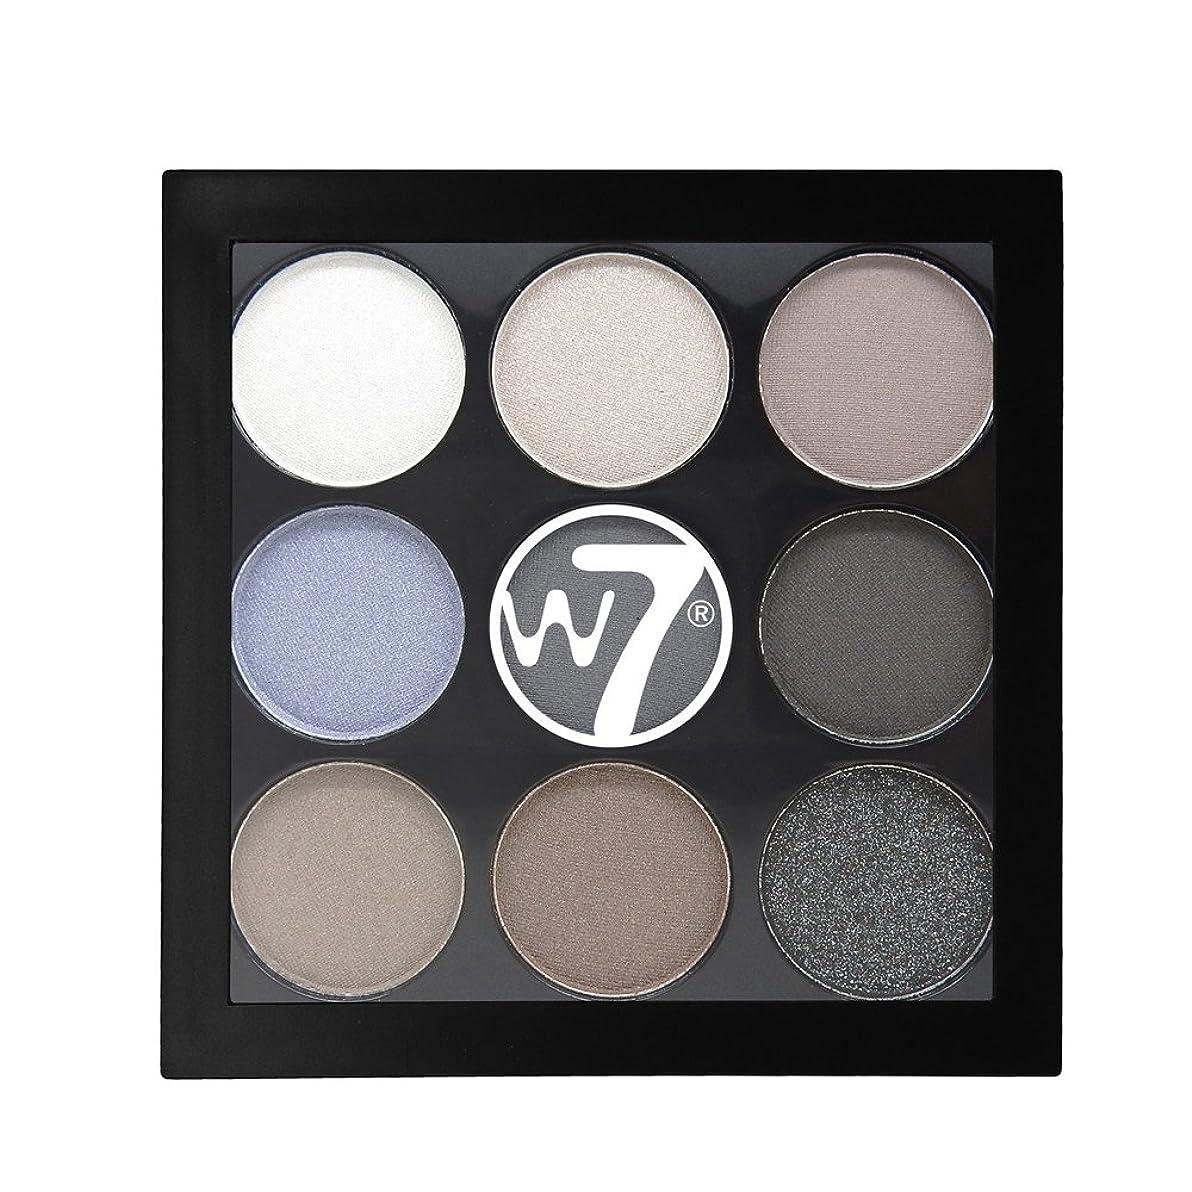 刺激するリマーク故障中W7 The Naughty Nine Eyeshadow Collection - Hard Day's Night (並行輸入品)